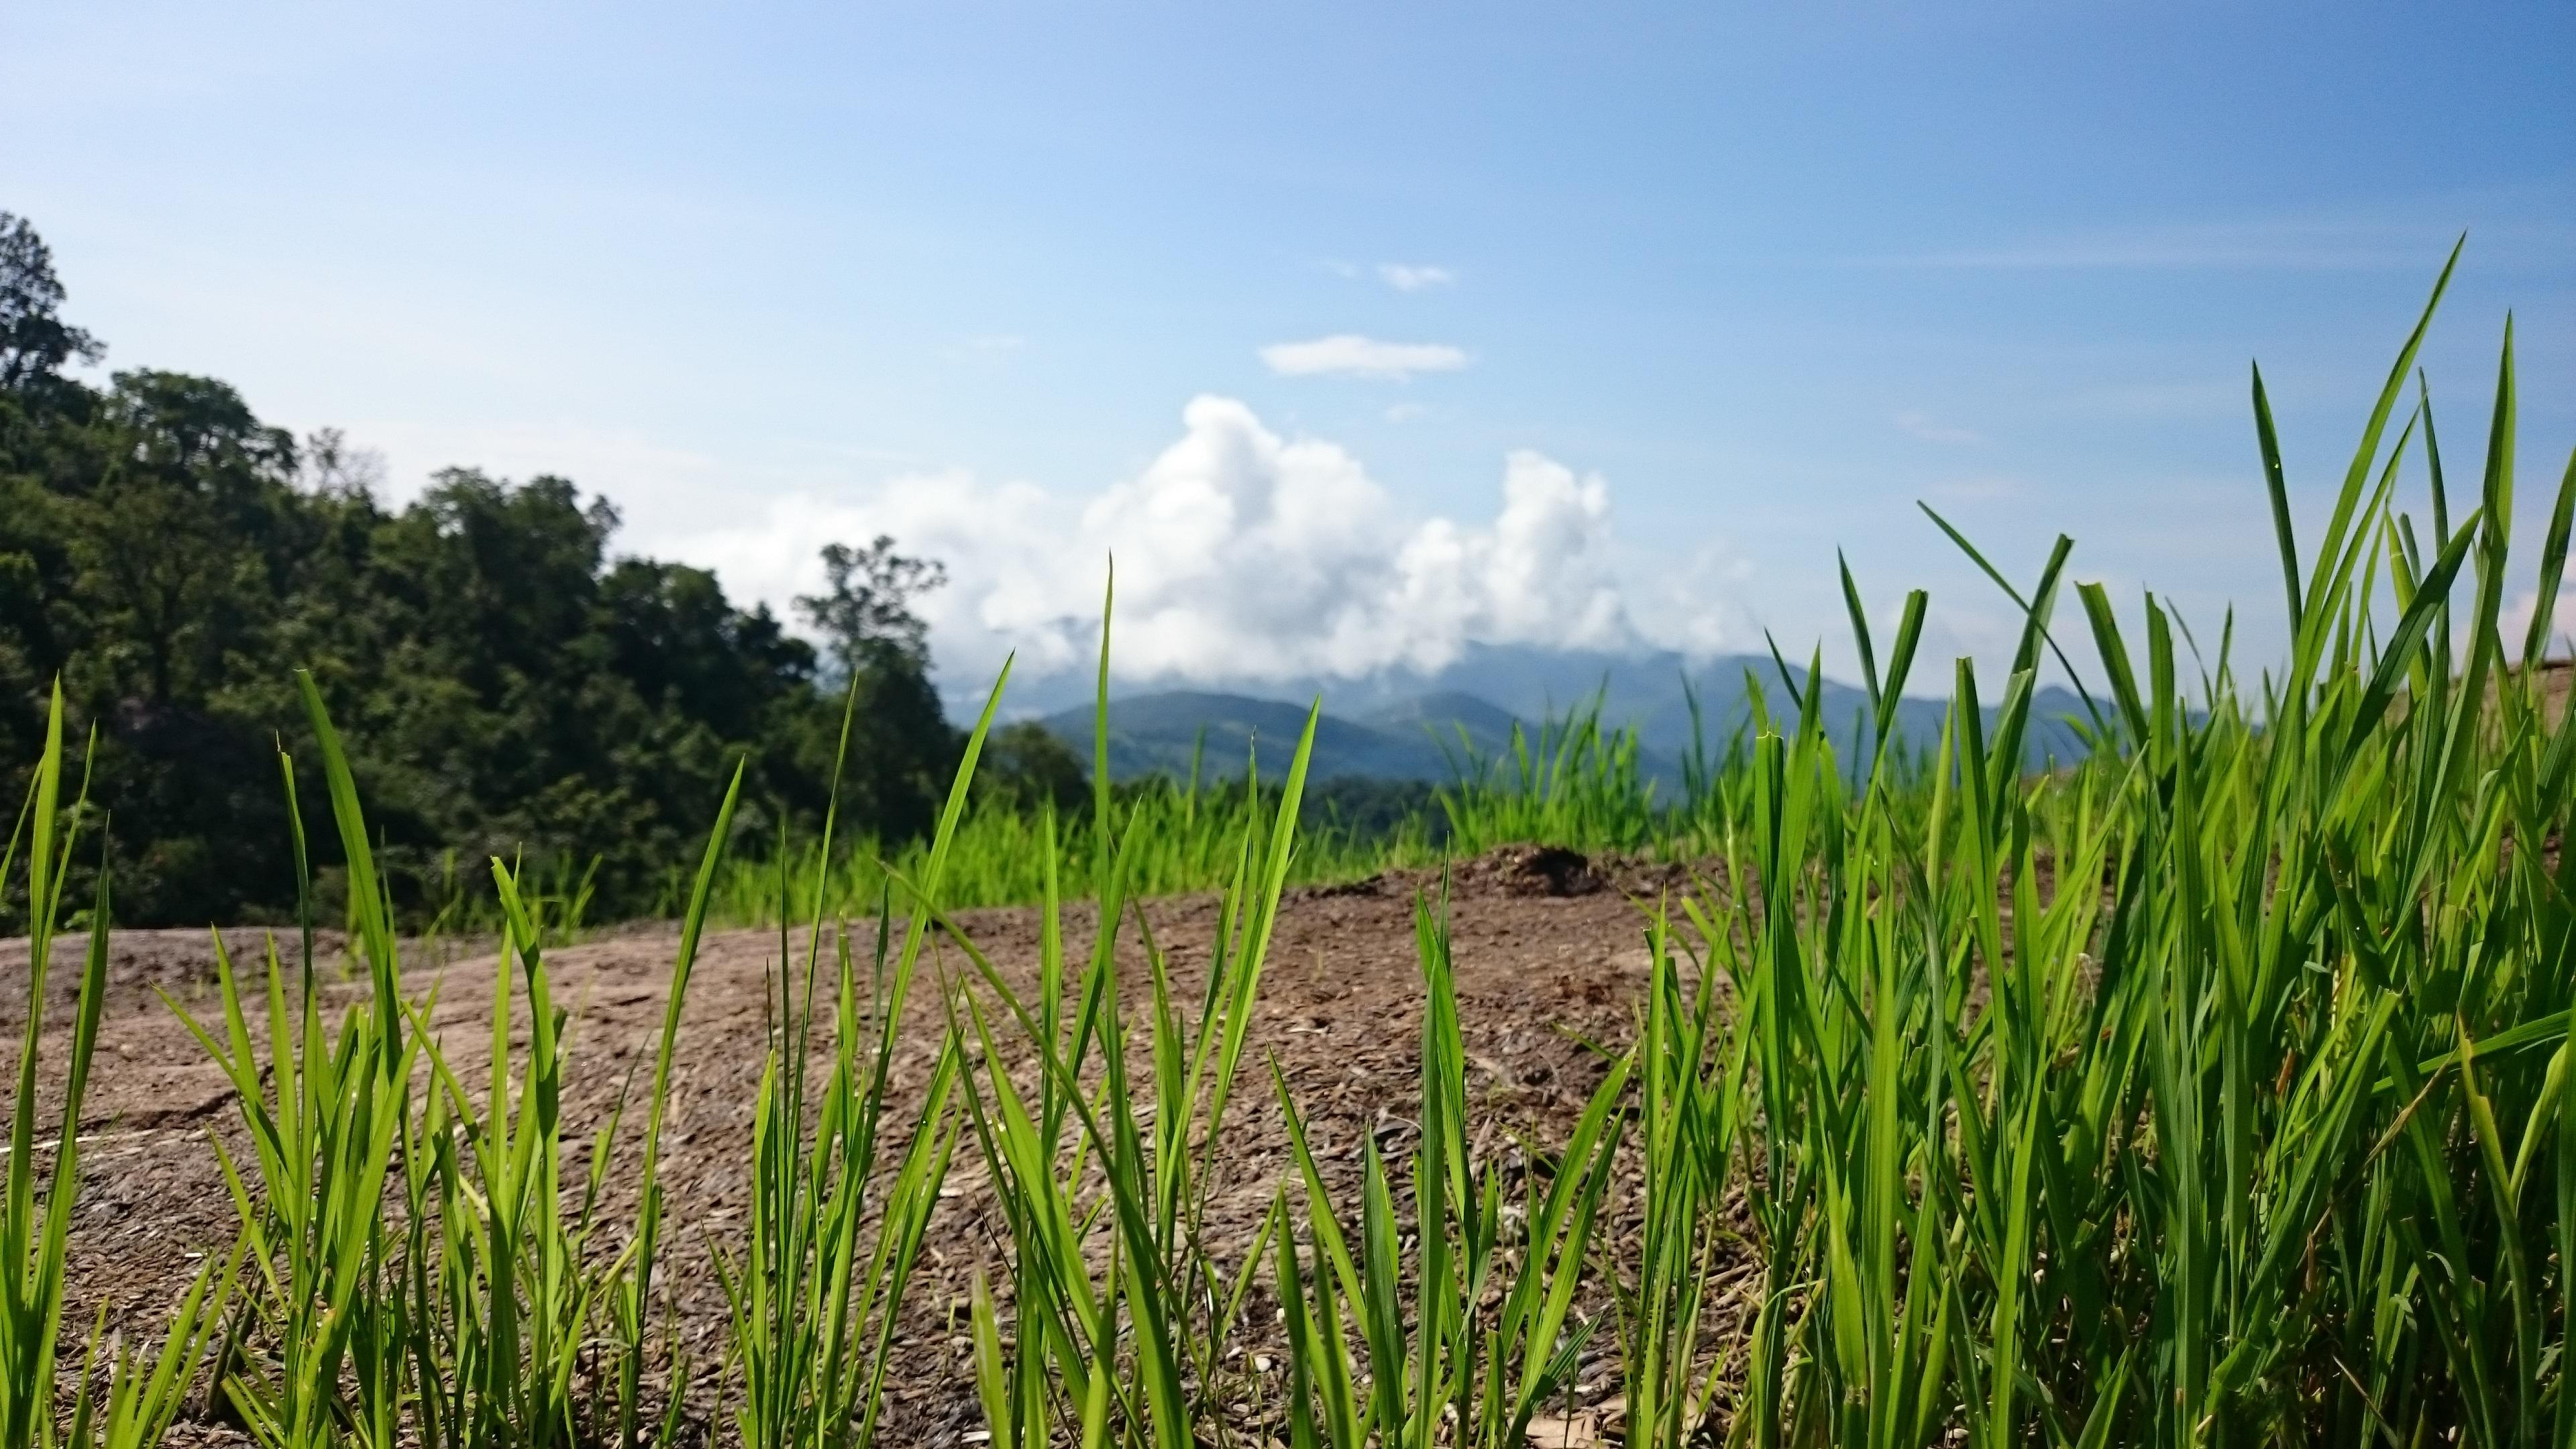 Images gratuites paysage la nature for t herbe for Plante herbe haute